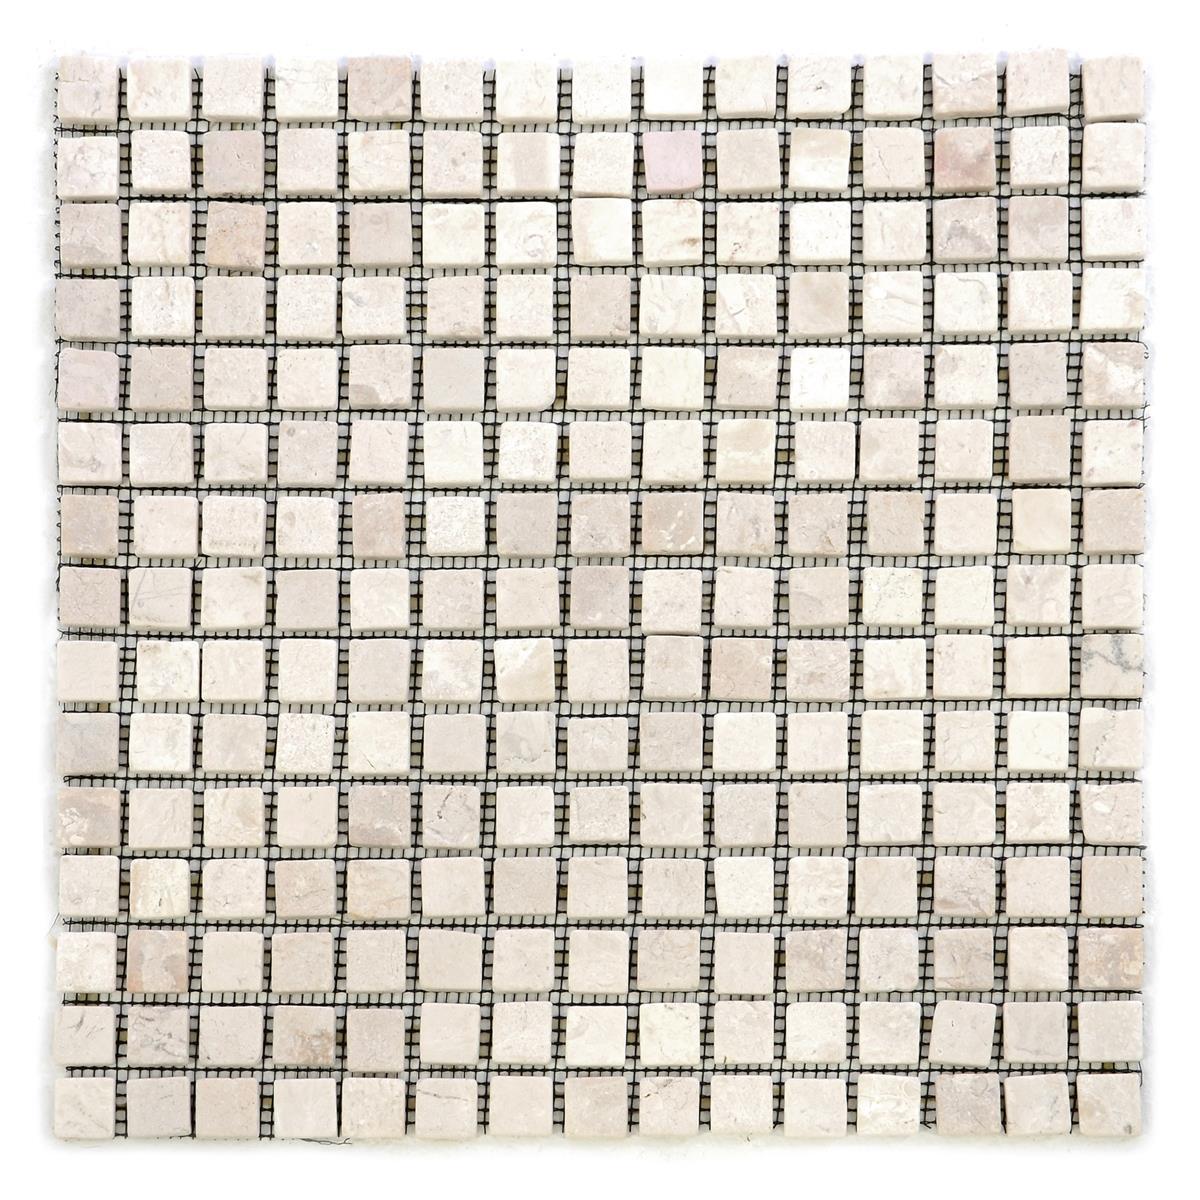 DIVERO 11 Fliesenmatten Naturstein Mosaik aus Marmor creme á 30 x 30 cm